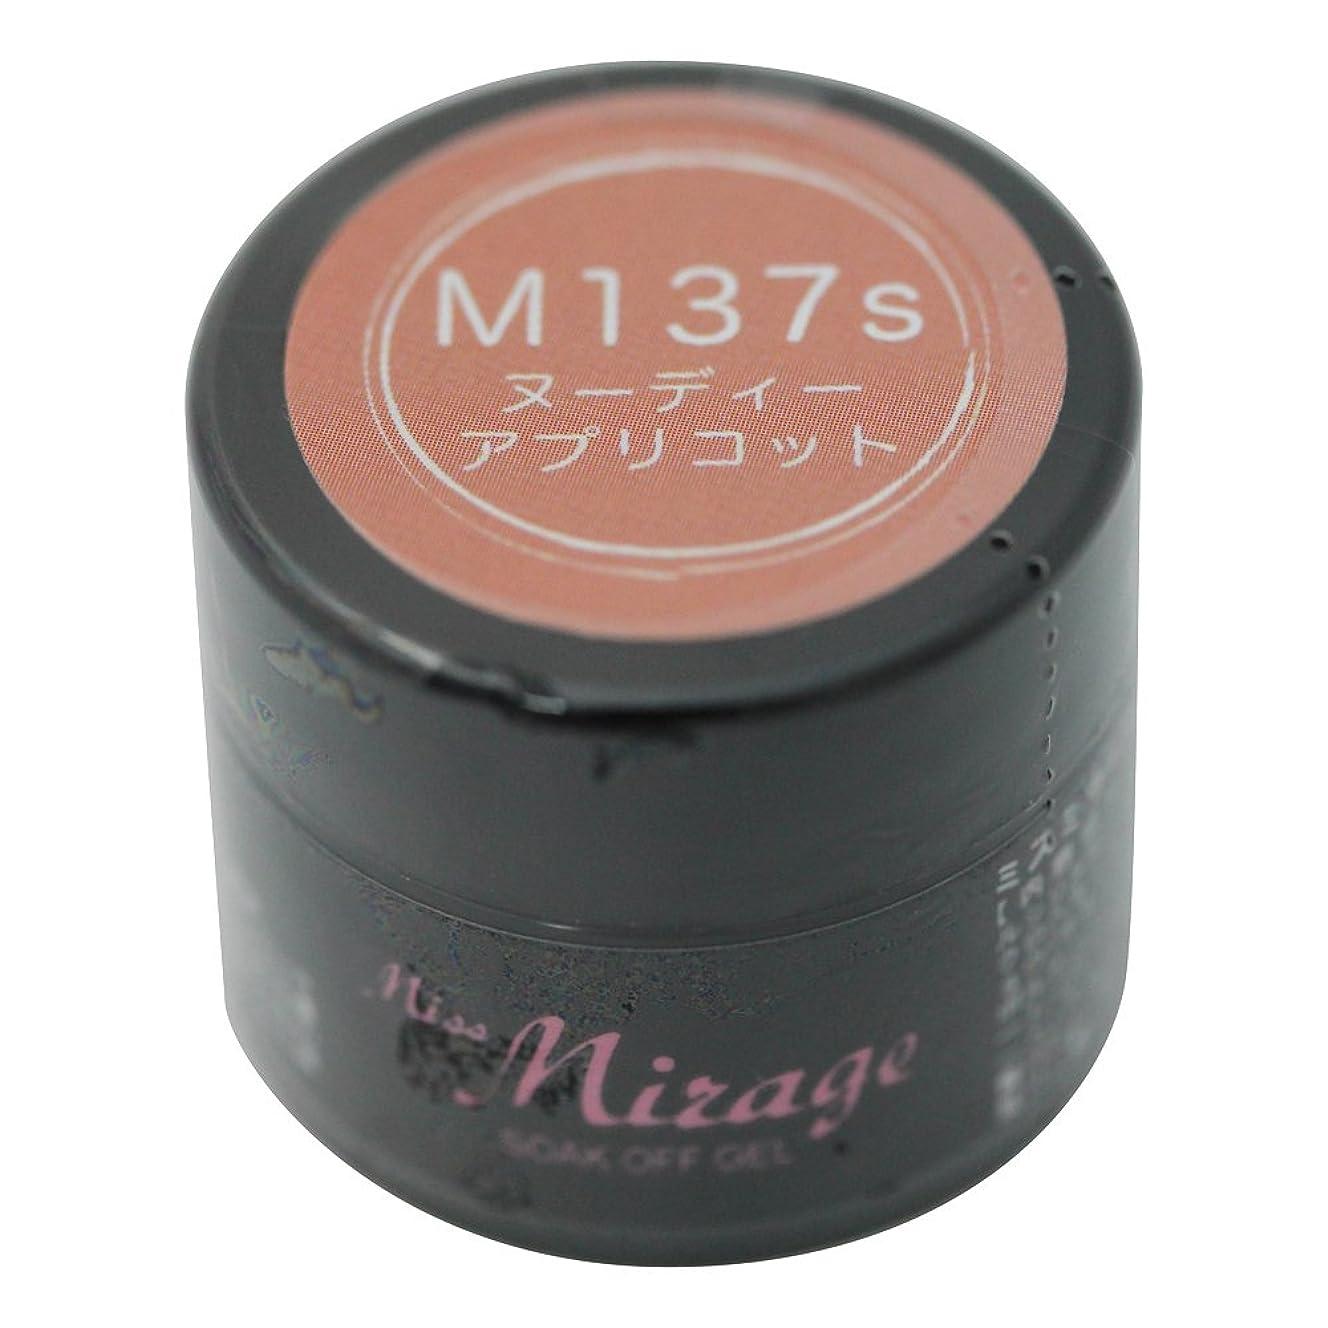 読みやすい偽スカープMiss Mirage M137S ヌーディーアプリコット 2.5g UV/LED対応タイオウ